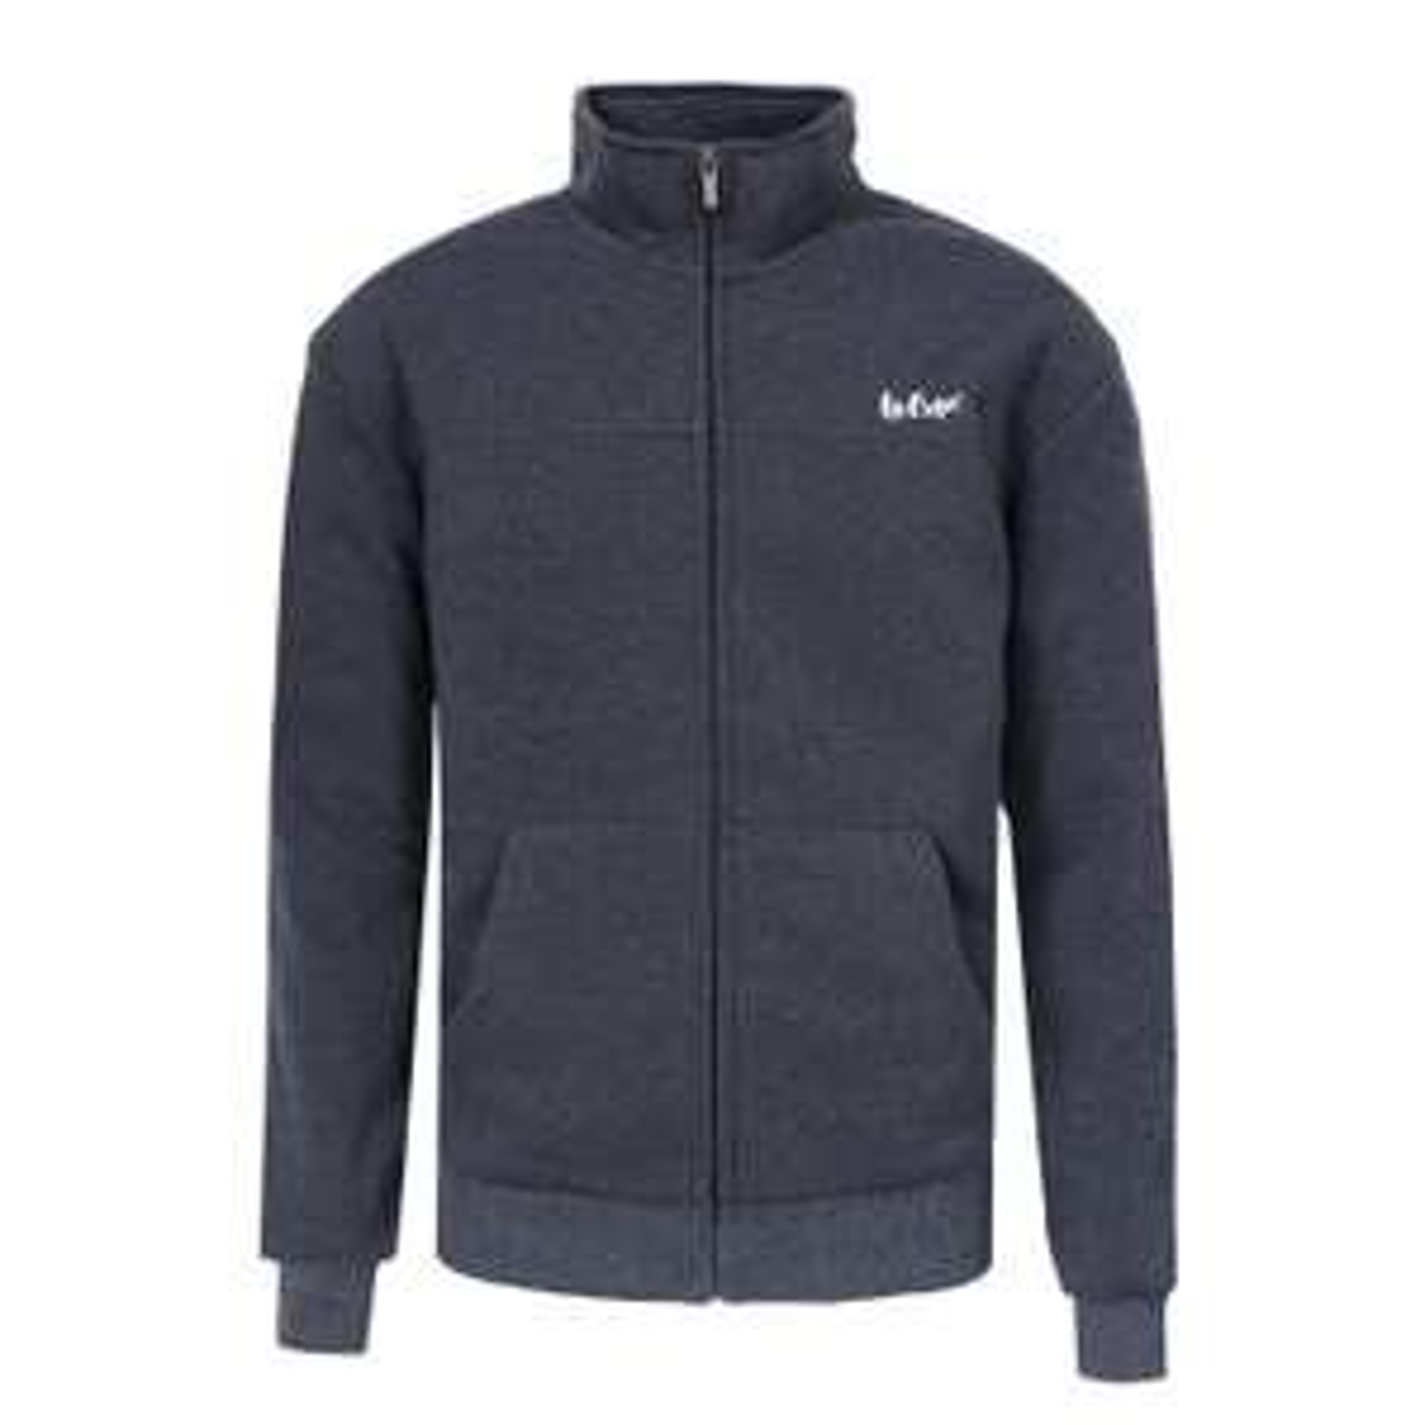 Lee Cooper Mens Full Zip Fleece Jacket £9.99 (delivered) @ Sportsdirect eBay